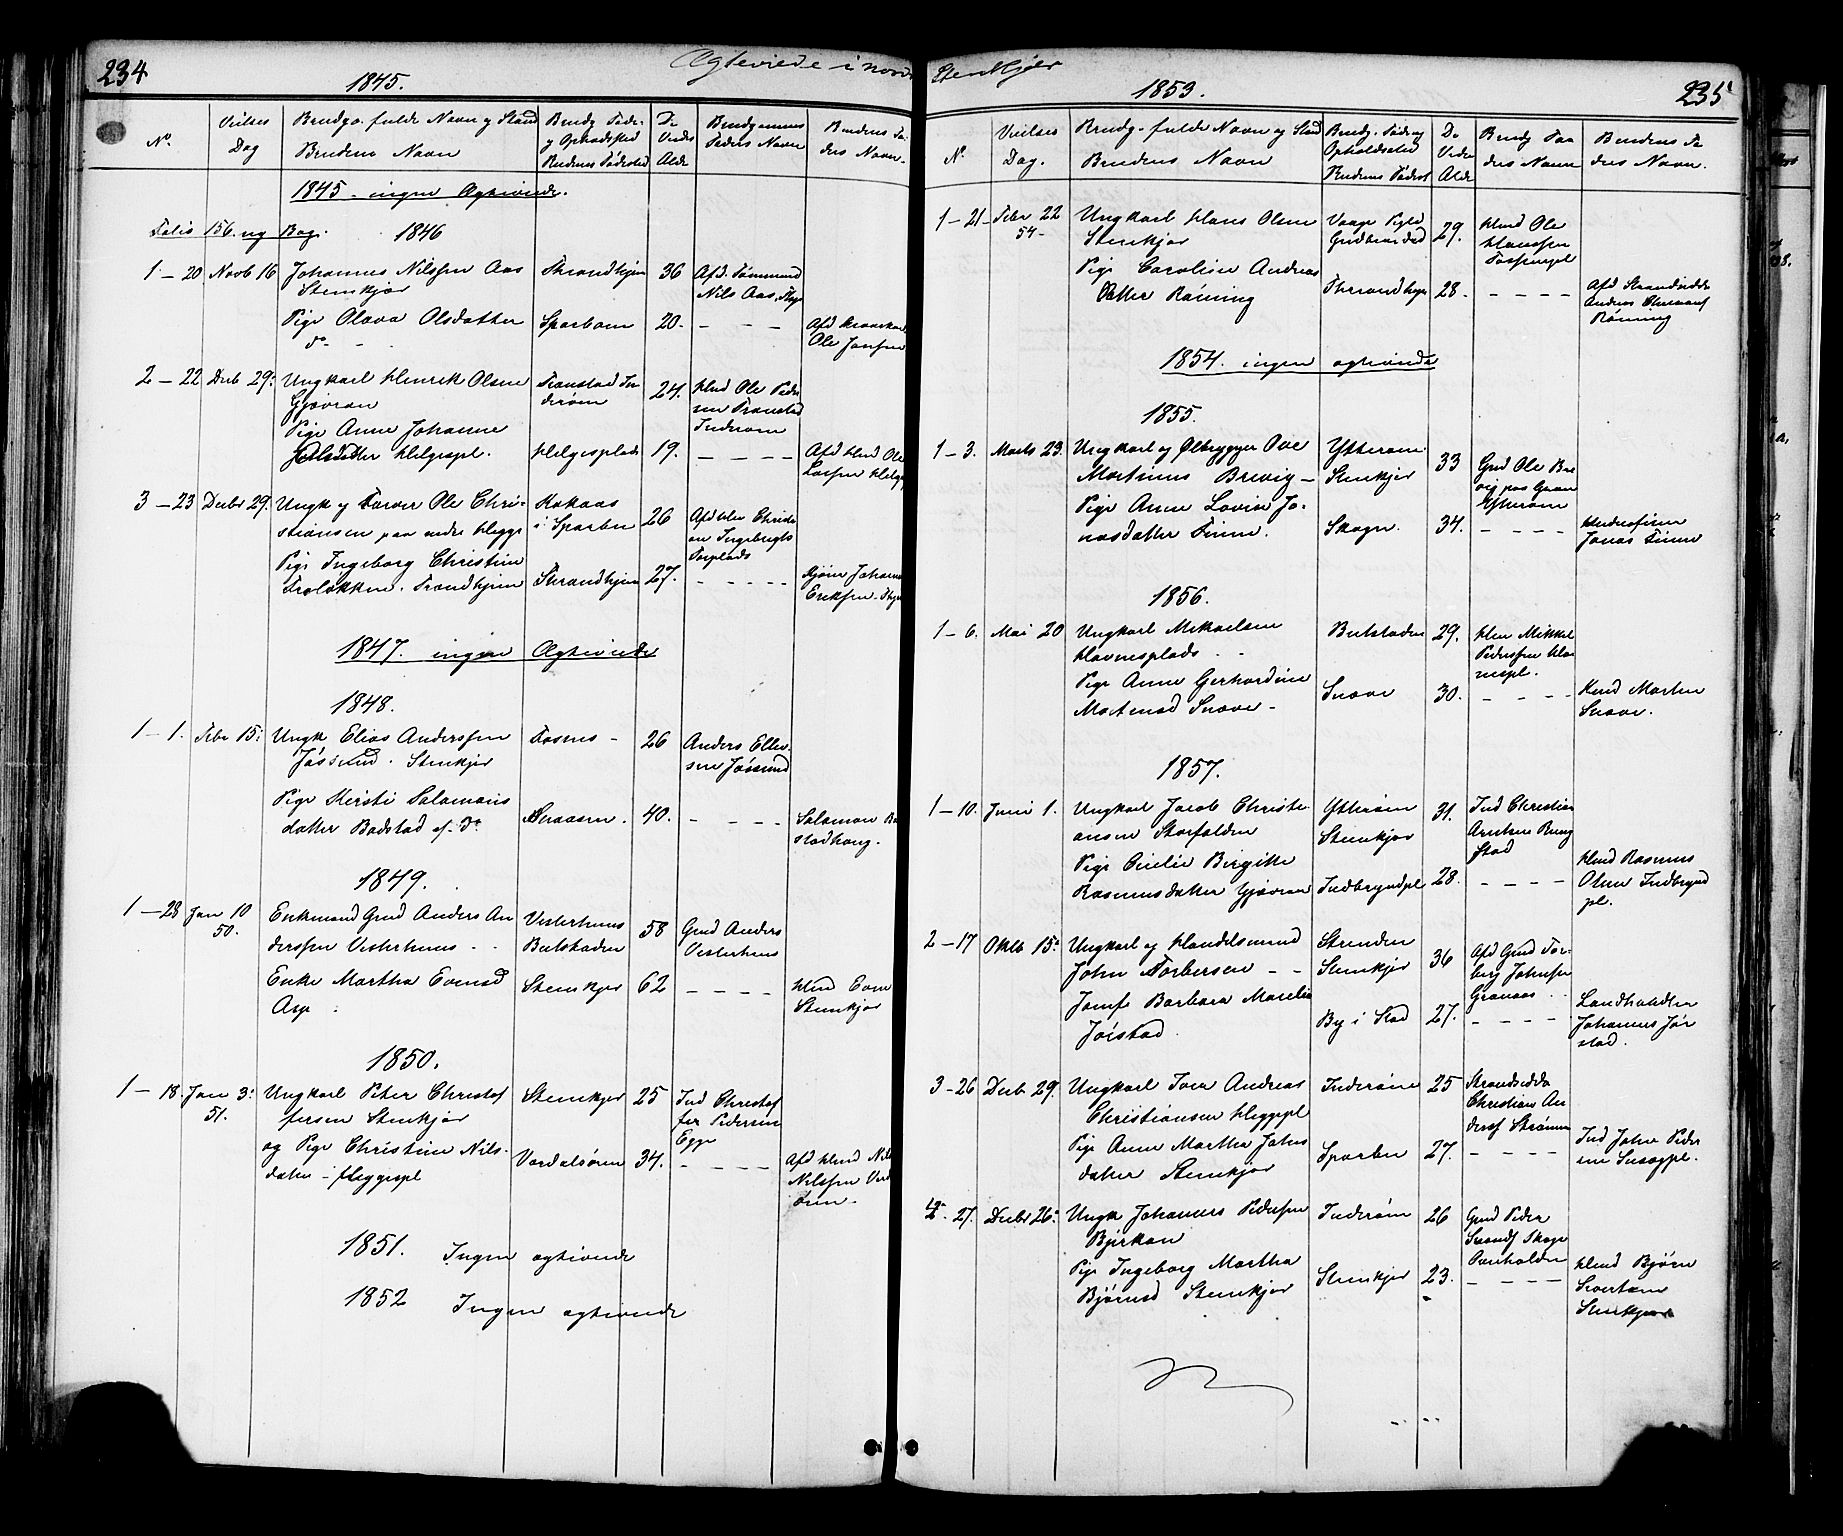 SAT, Ministerialprotokoller, klokkerbøker og fødselsregistre - Nord-Trøndelag, 739/L0367: Ministerialbok nr. 739A01 /2, 1838-1868, s. 234-235